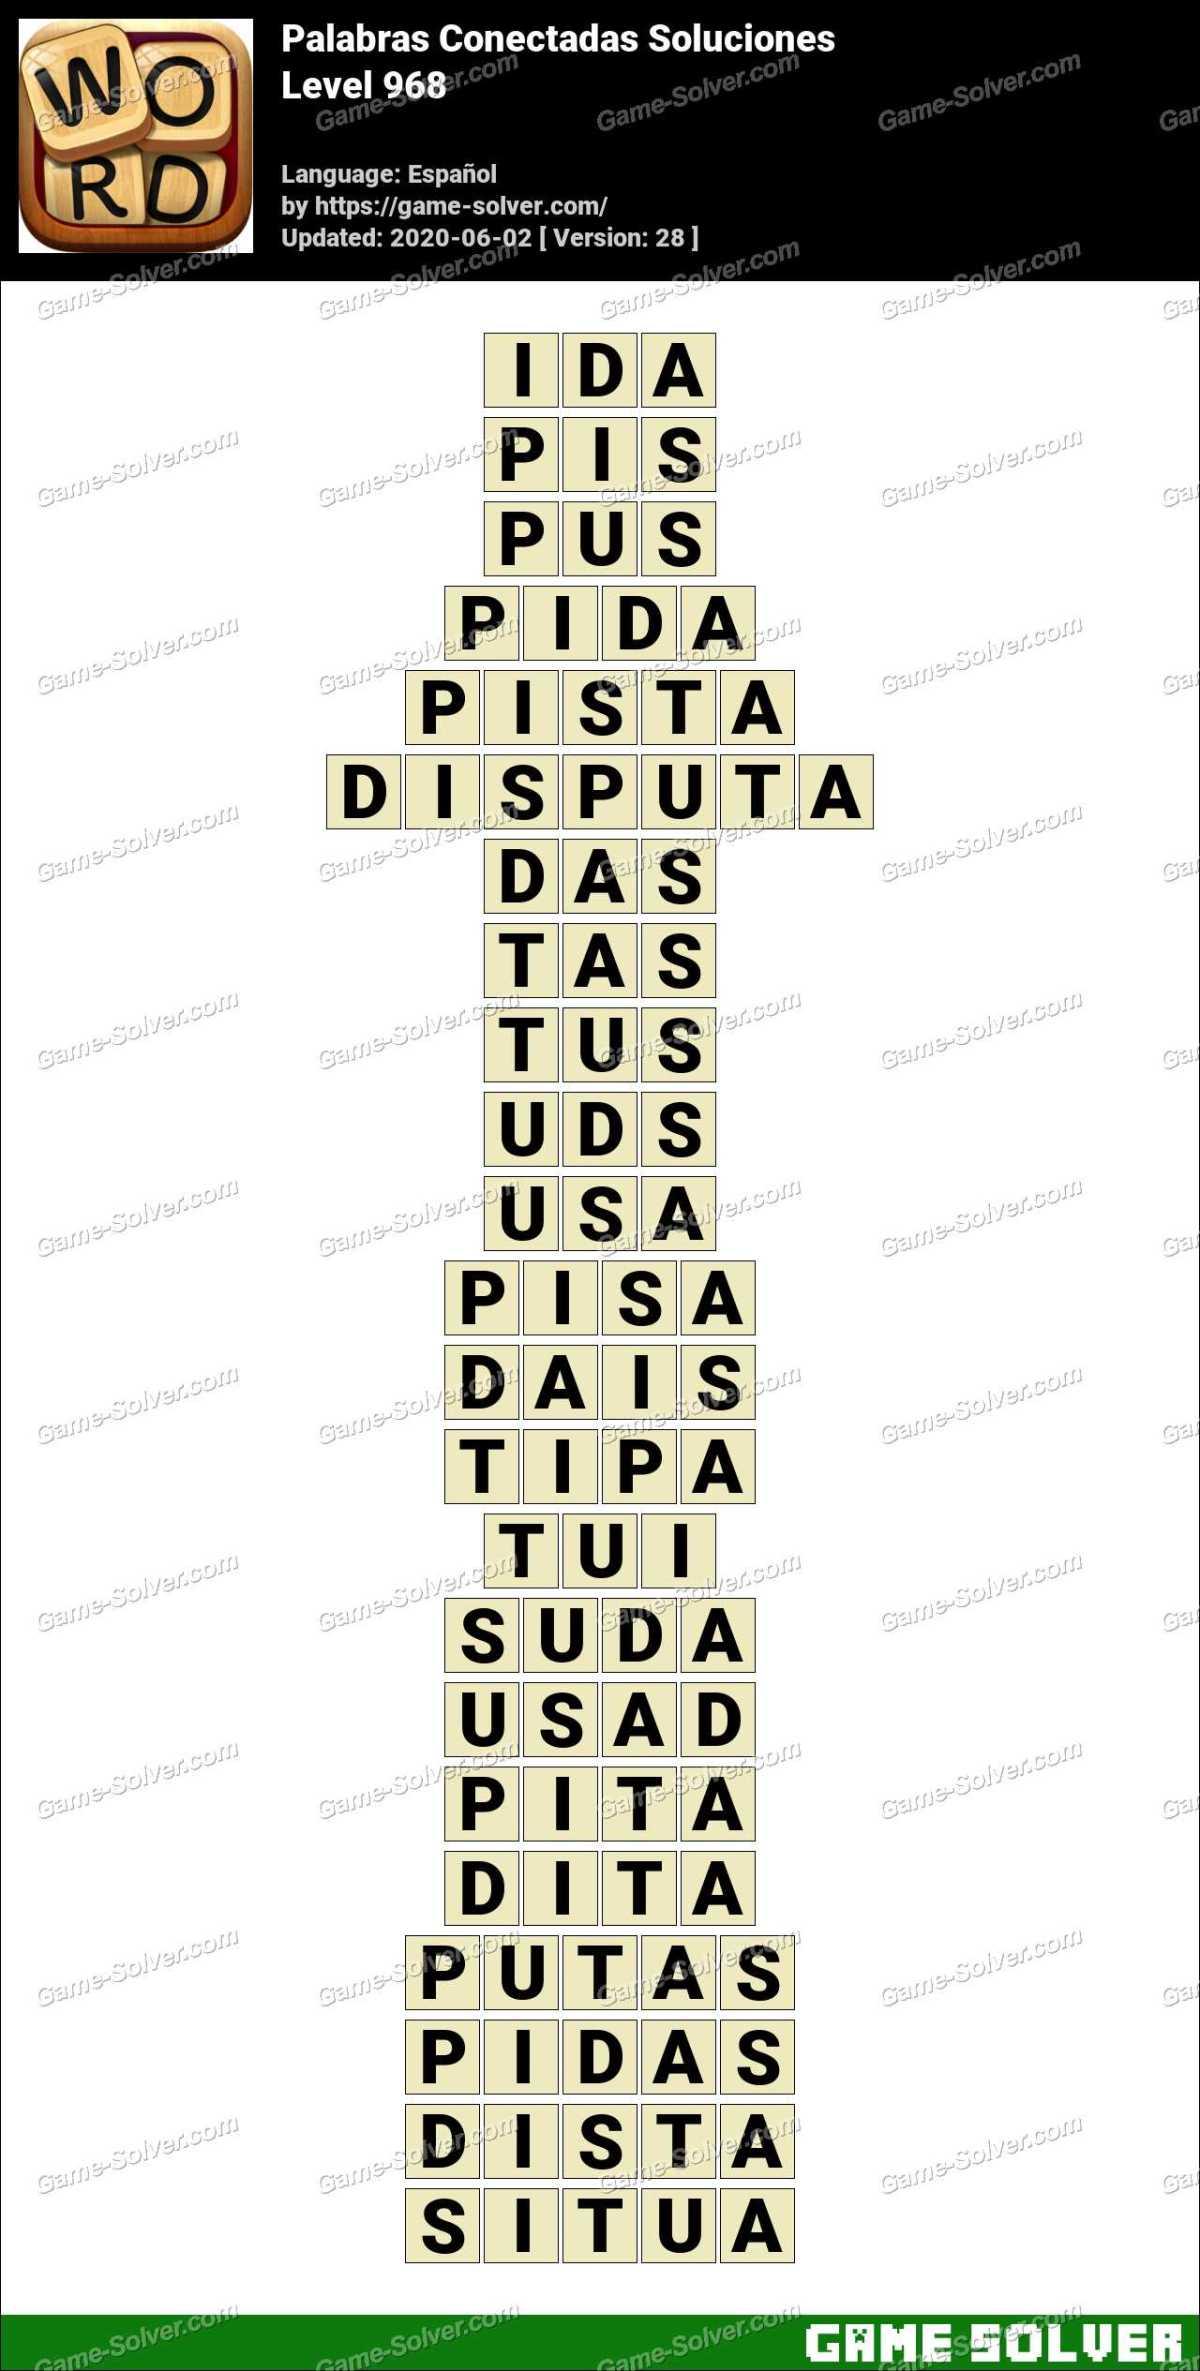 Palabras Conectadas Nivel 968 Soluciones